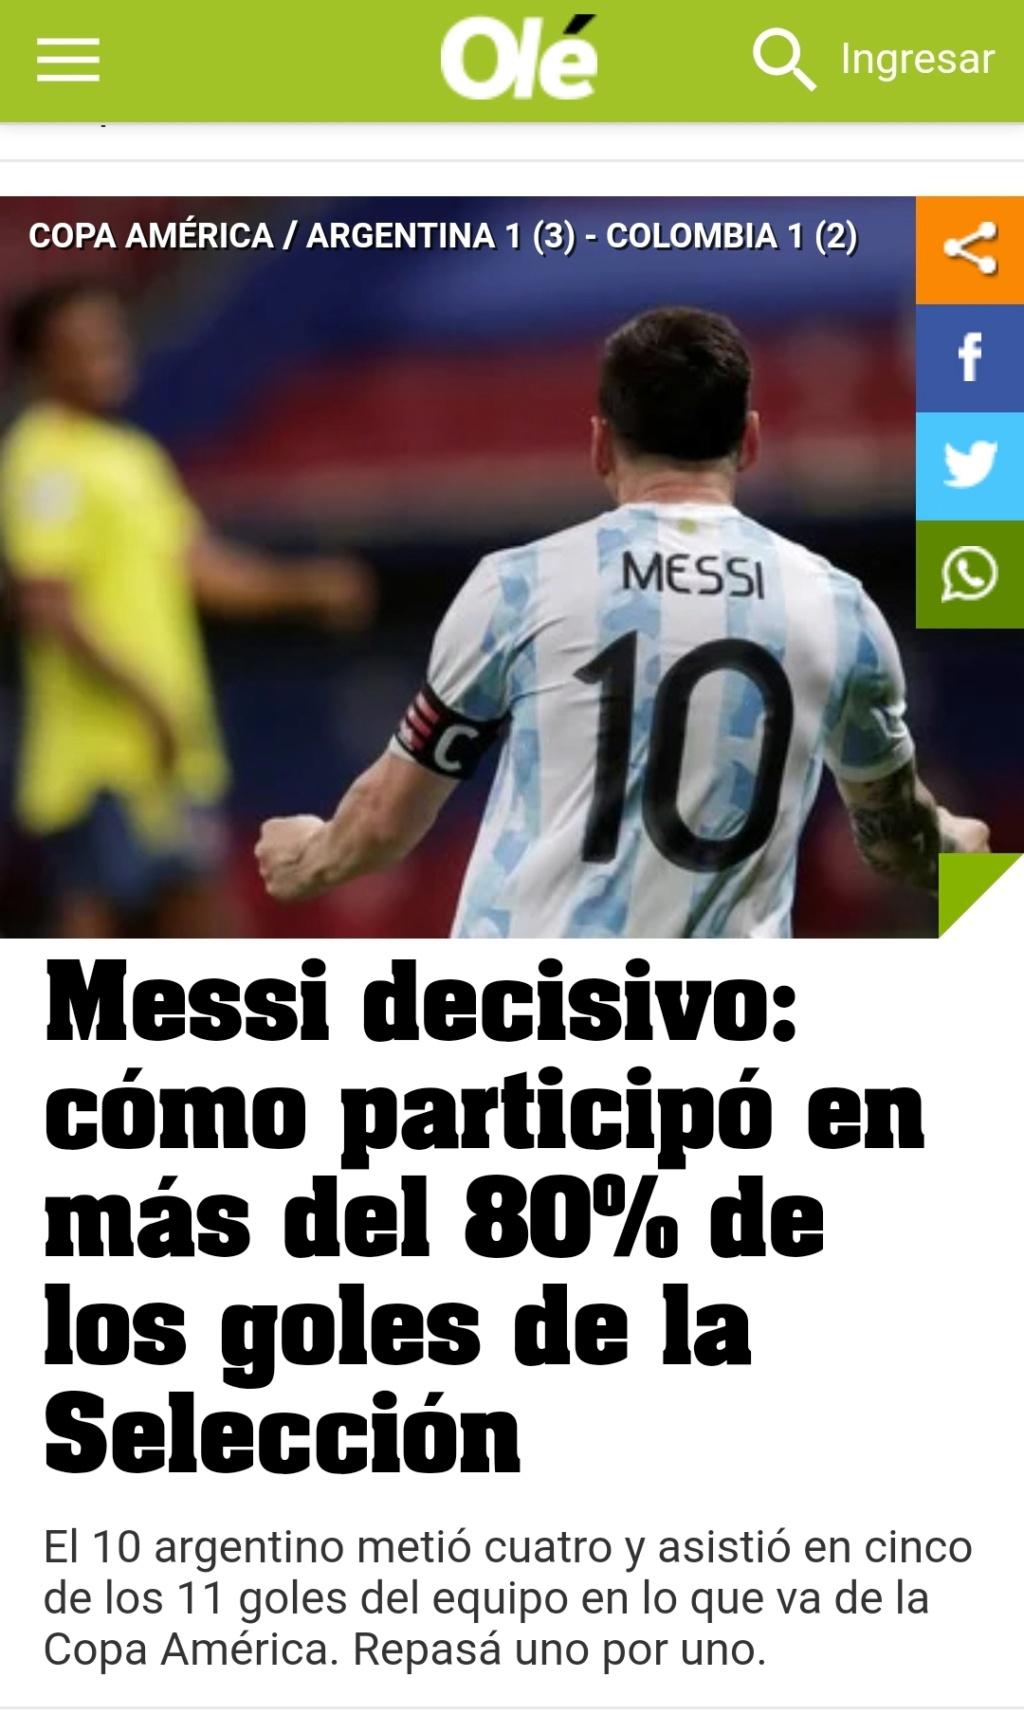 Vamos, vamos, Argentina. Esa Copa linda y deseada - Página 12 Scree195